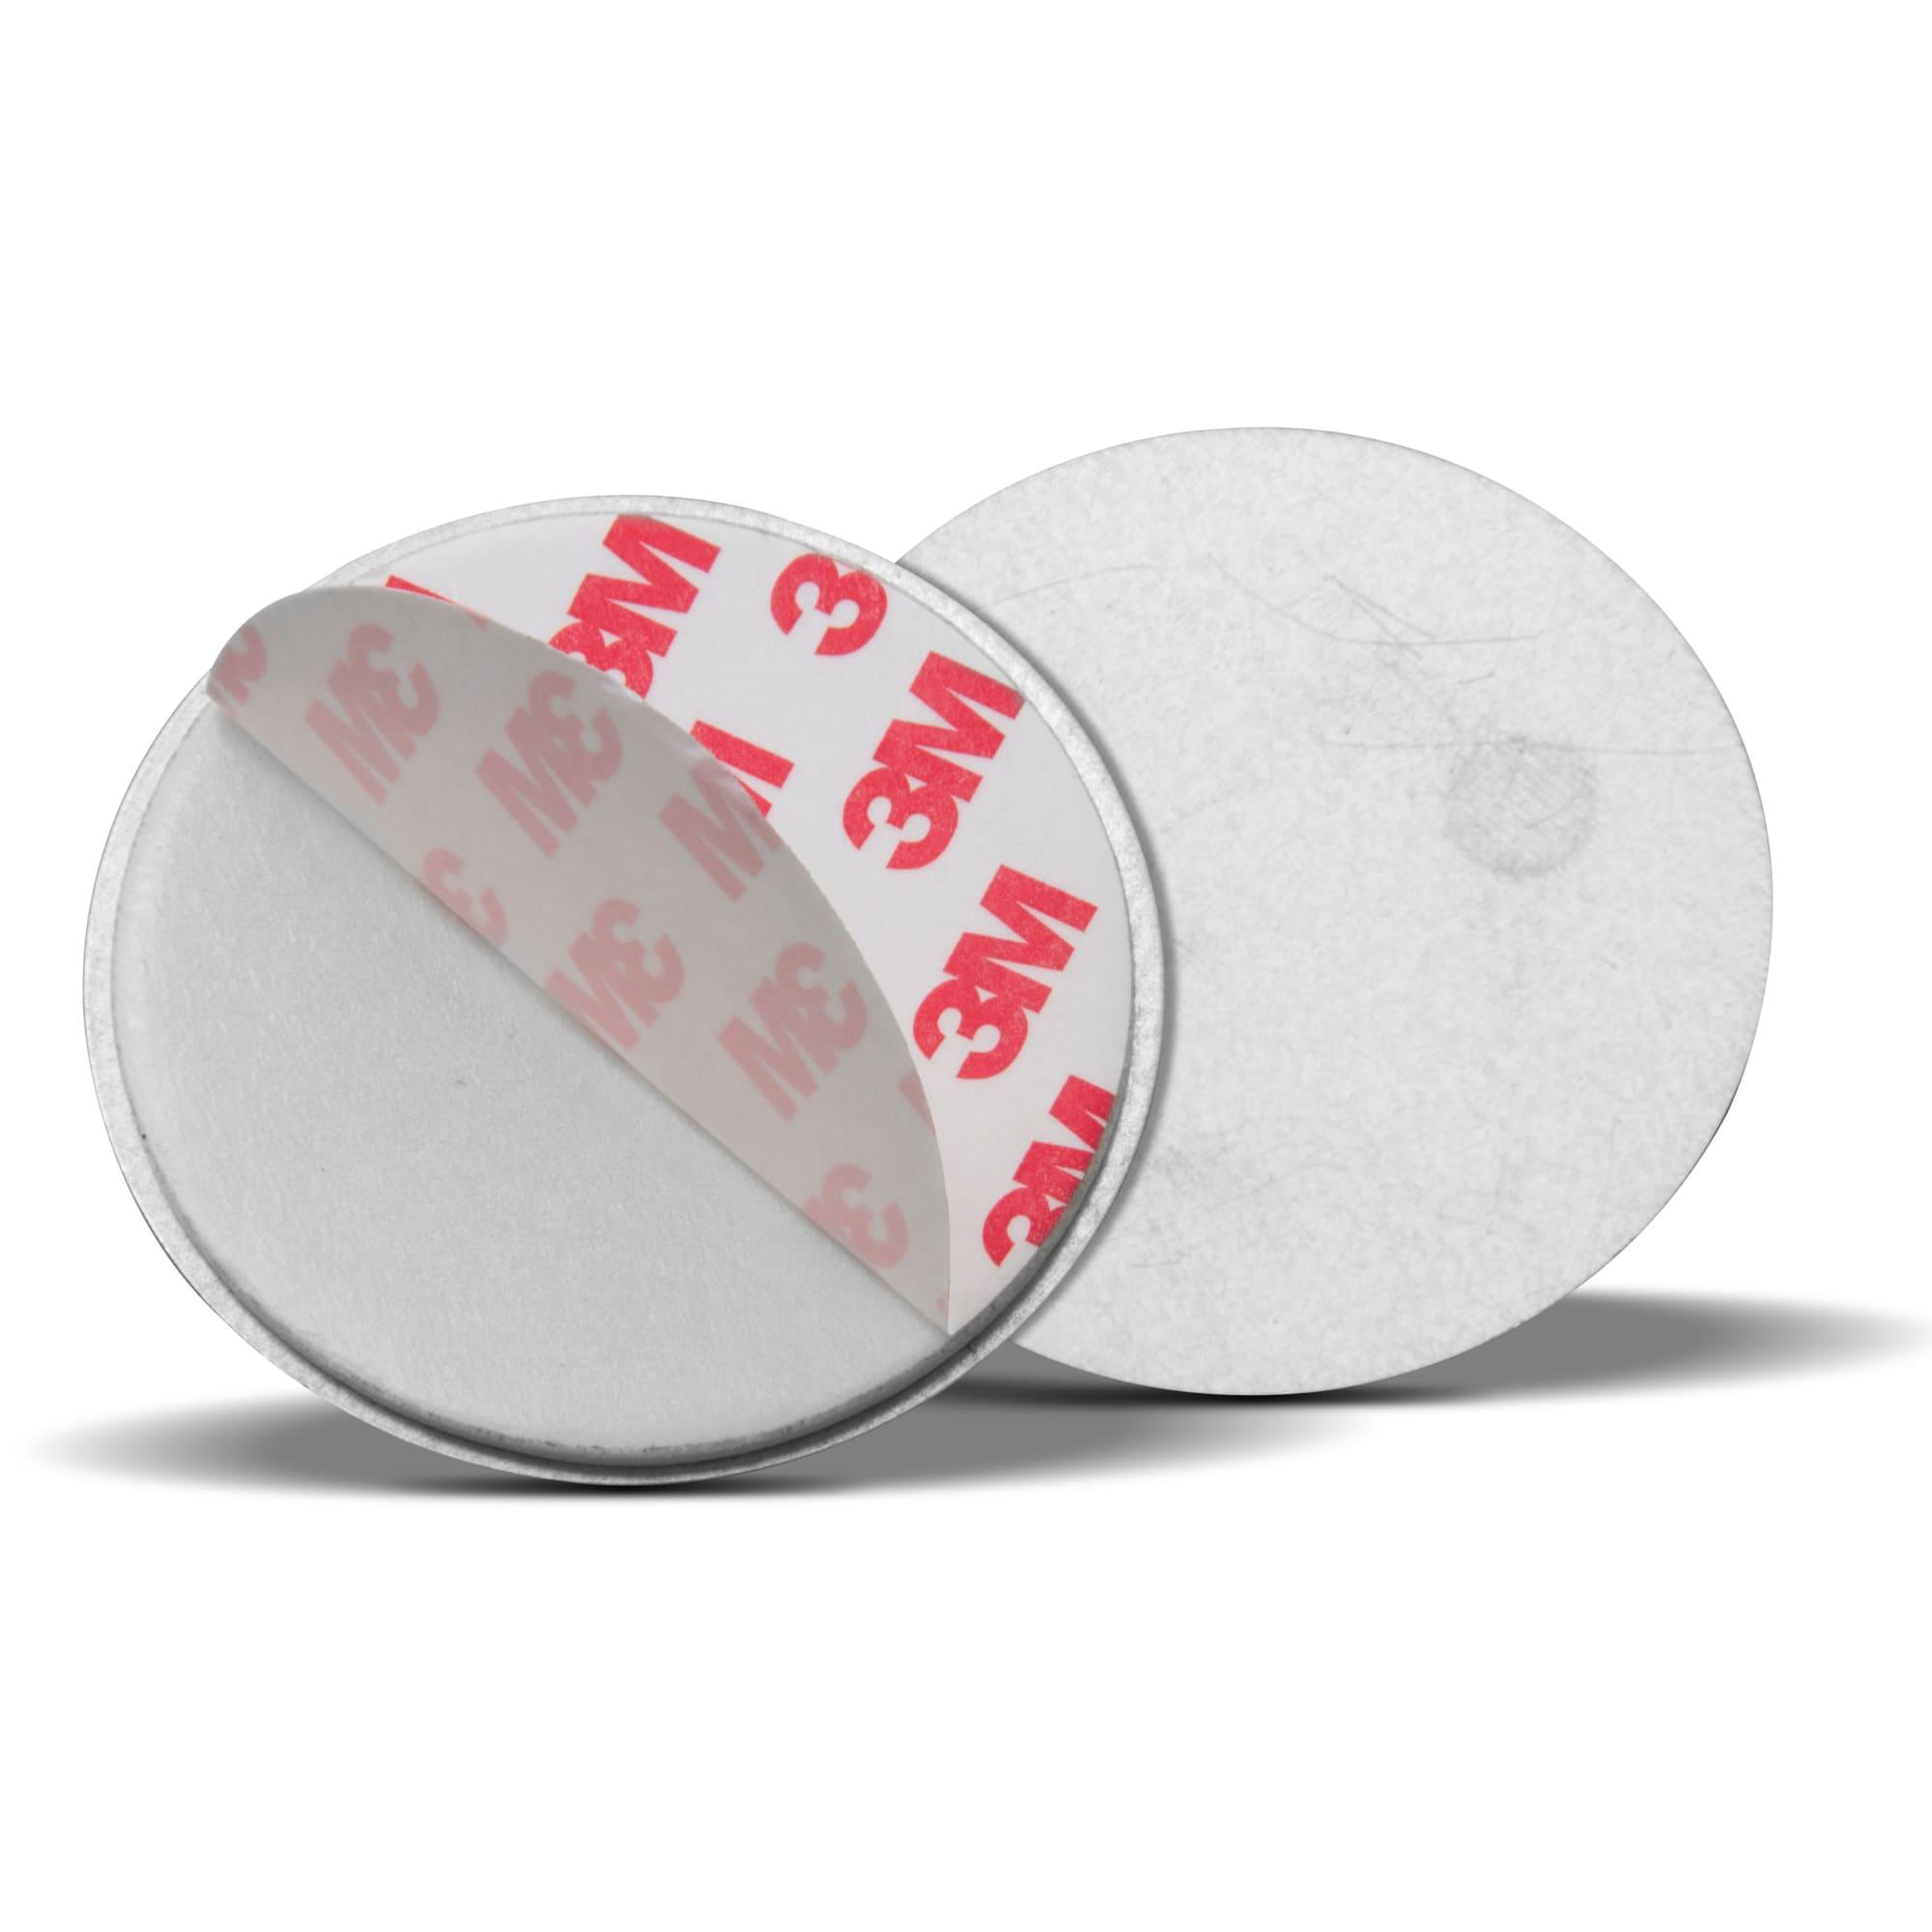 Passer til alle røgalarmer med en diameter på minimum 8 cm